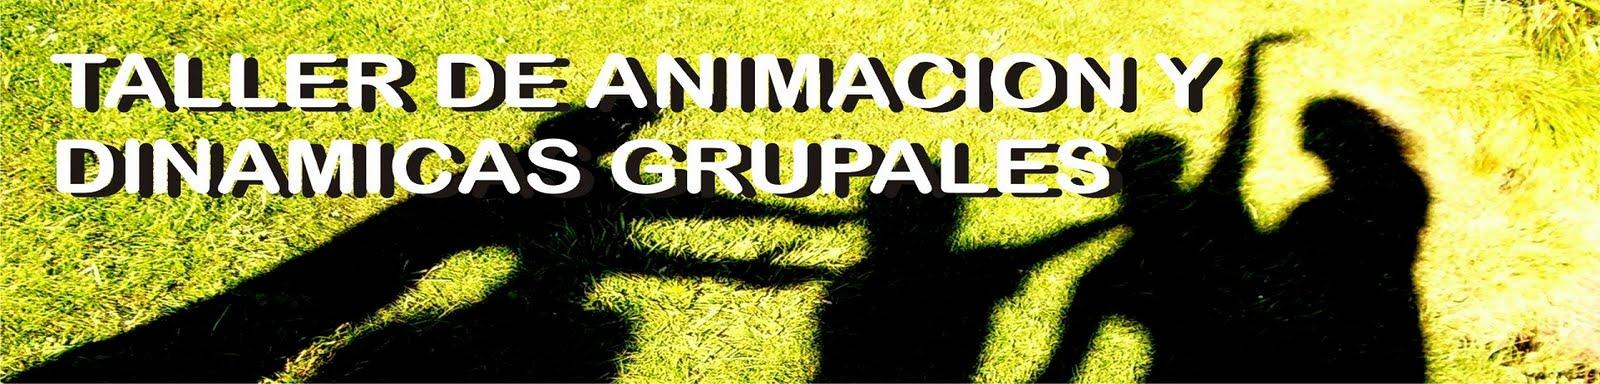 TALLER DE ANIMACION Y DINAMICAS GRUPALES